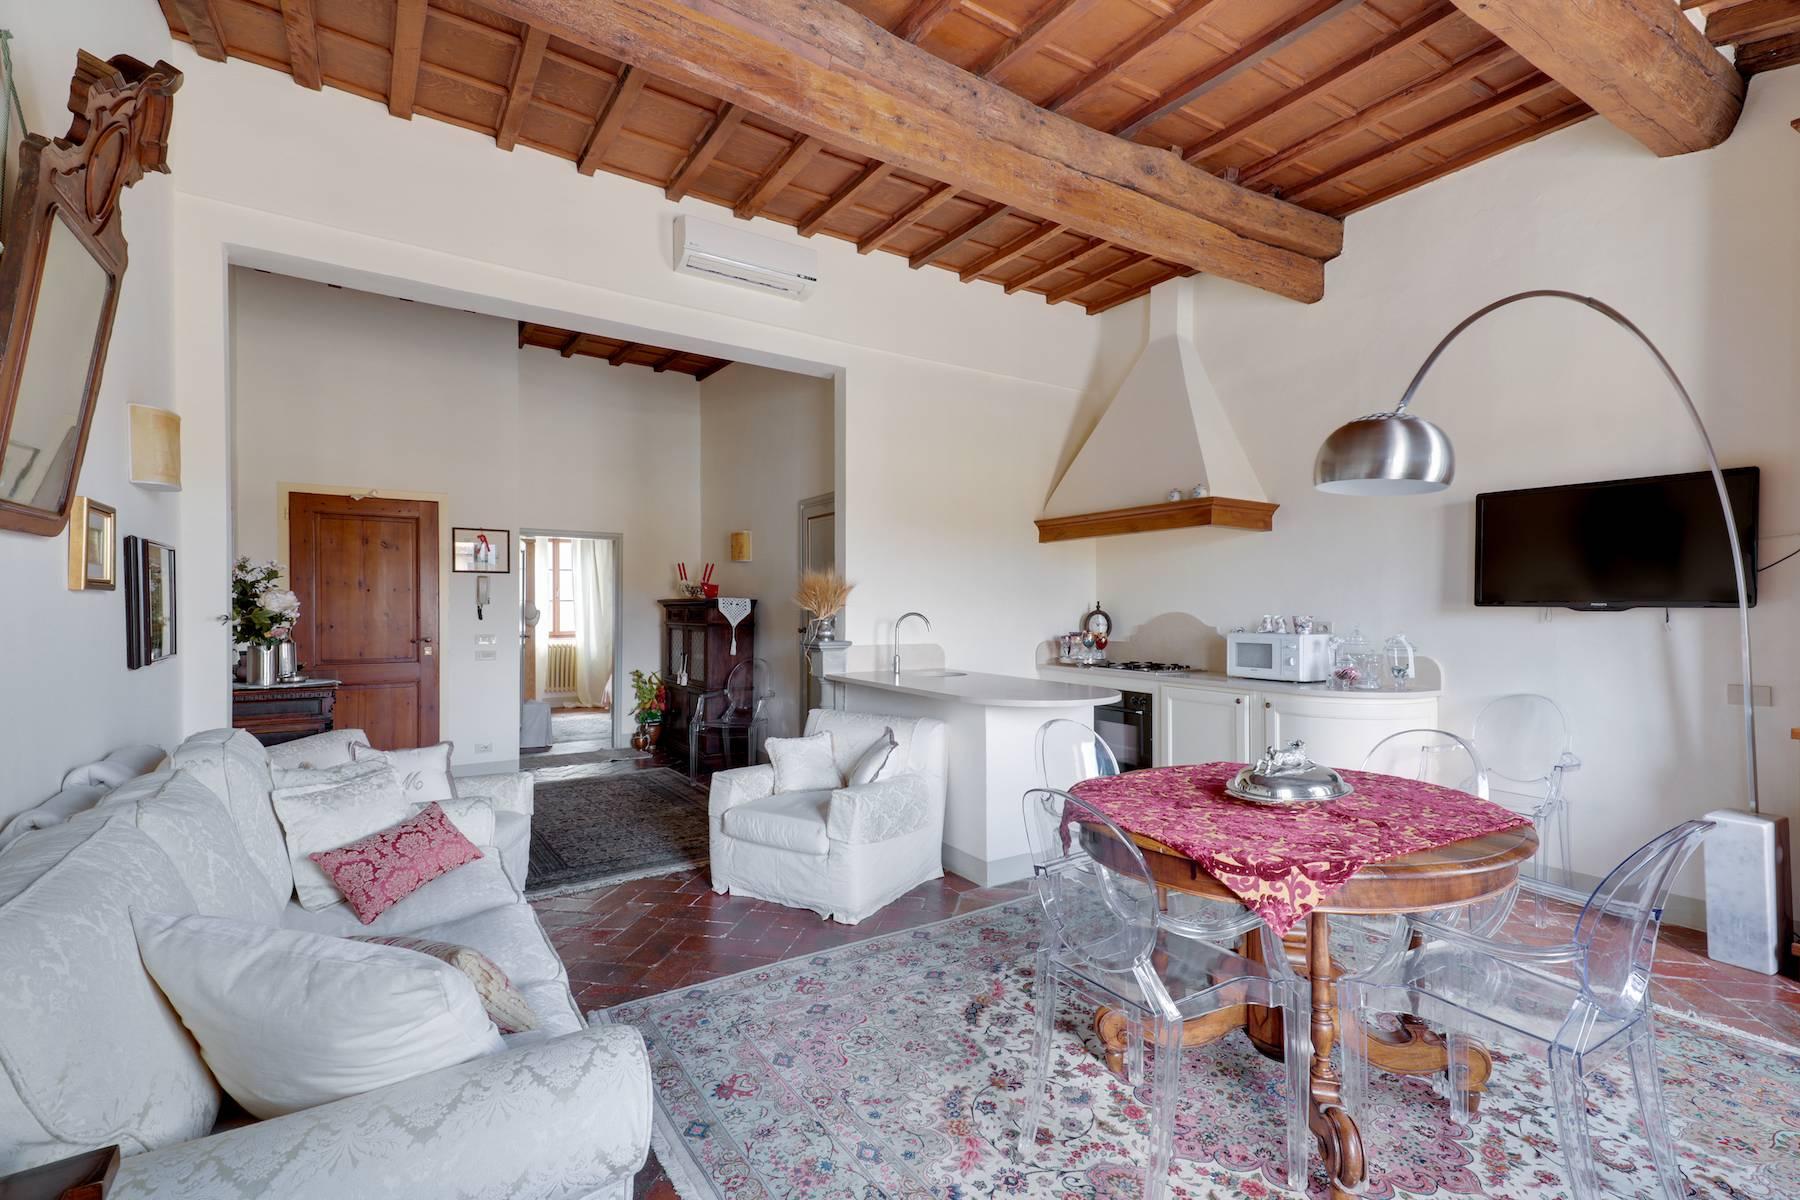 Appartamento in Vendita a Firenze: 4 locali, 90 mq - Foto 3